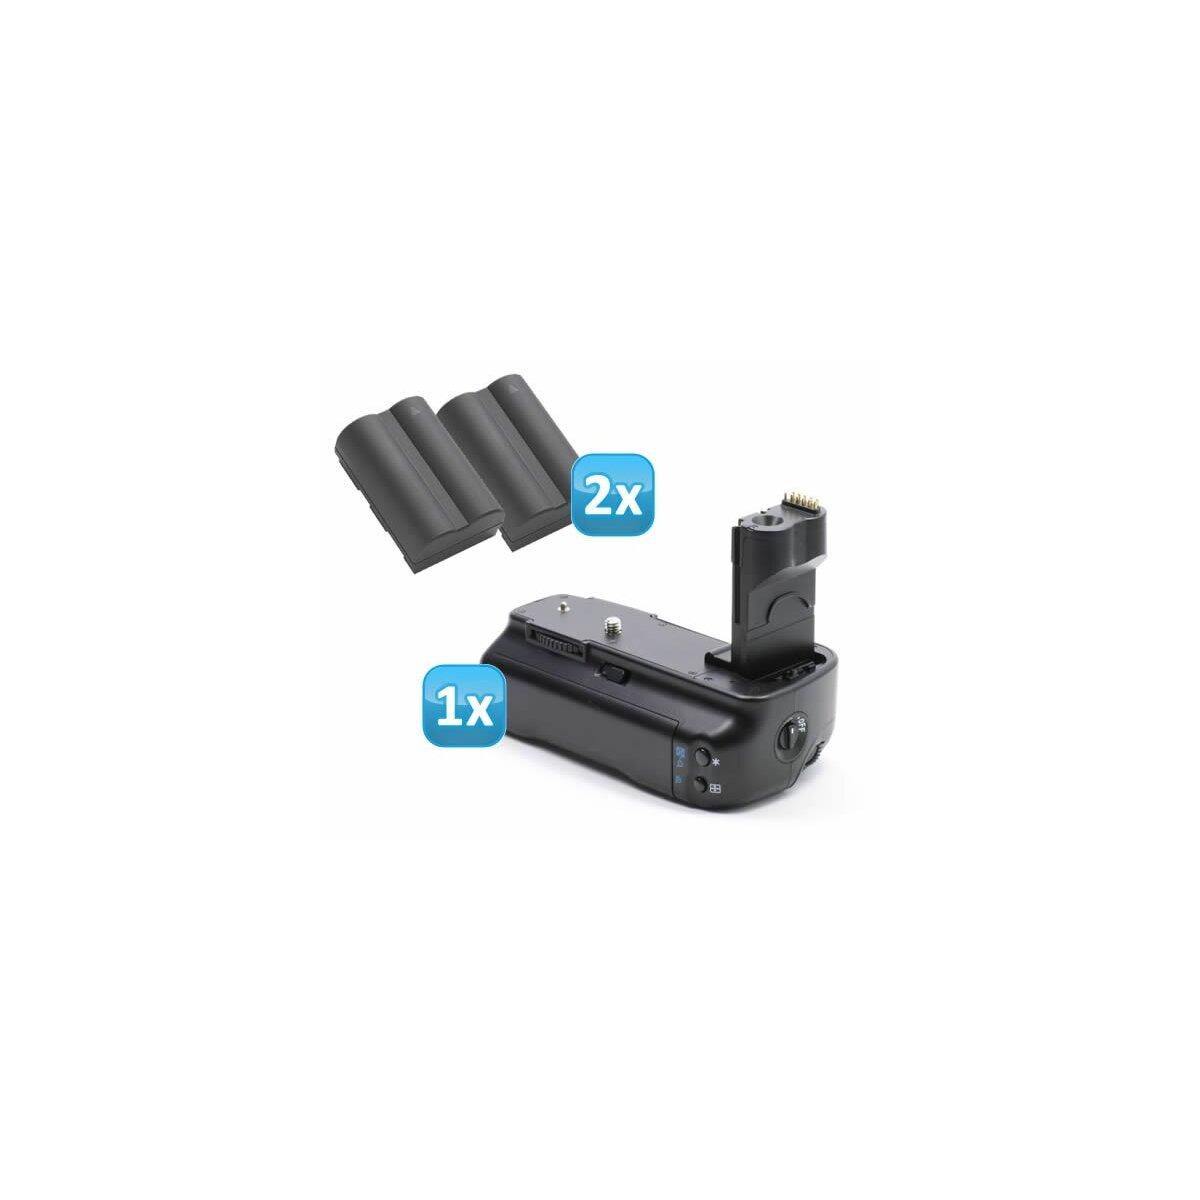 Minadax Profi Batteriegriff kompatibel mit Canon EOS 50D, 40D, 30D als BG-E2N, BG-E2 Ersatz + 2 BP-511A Nachbau-Akkus